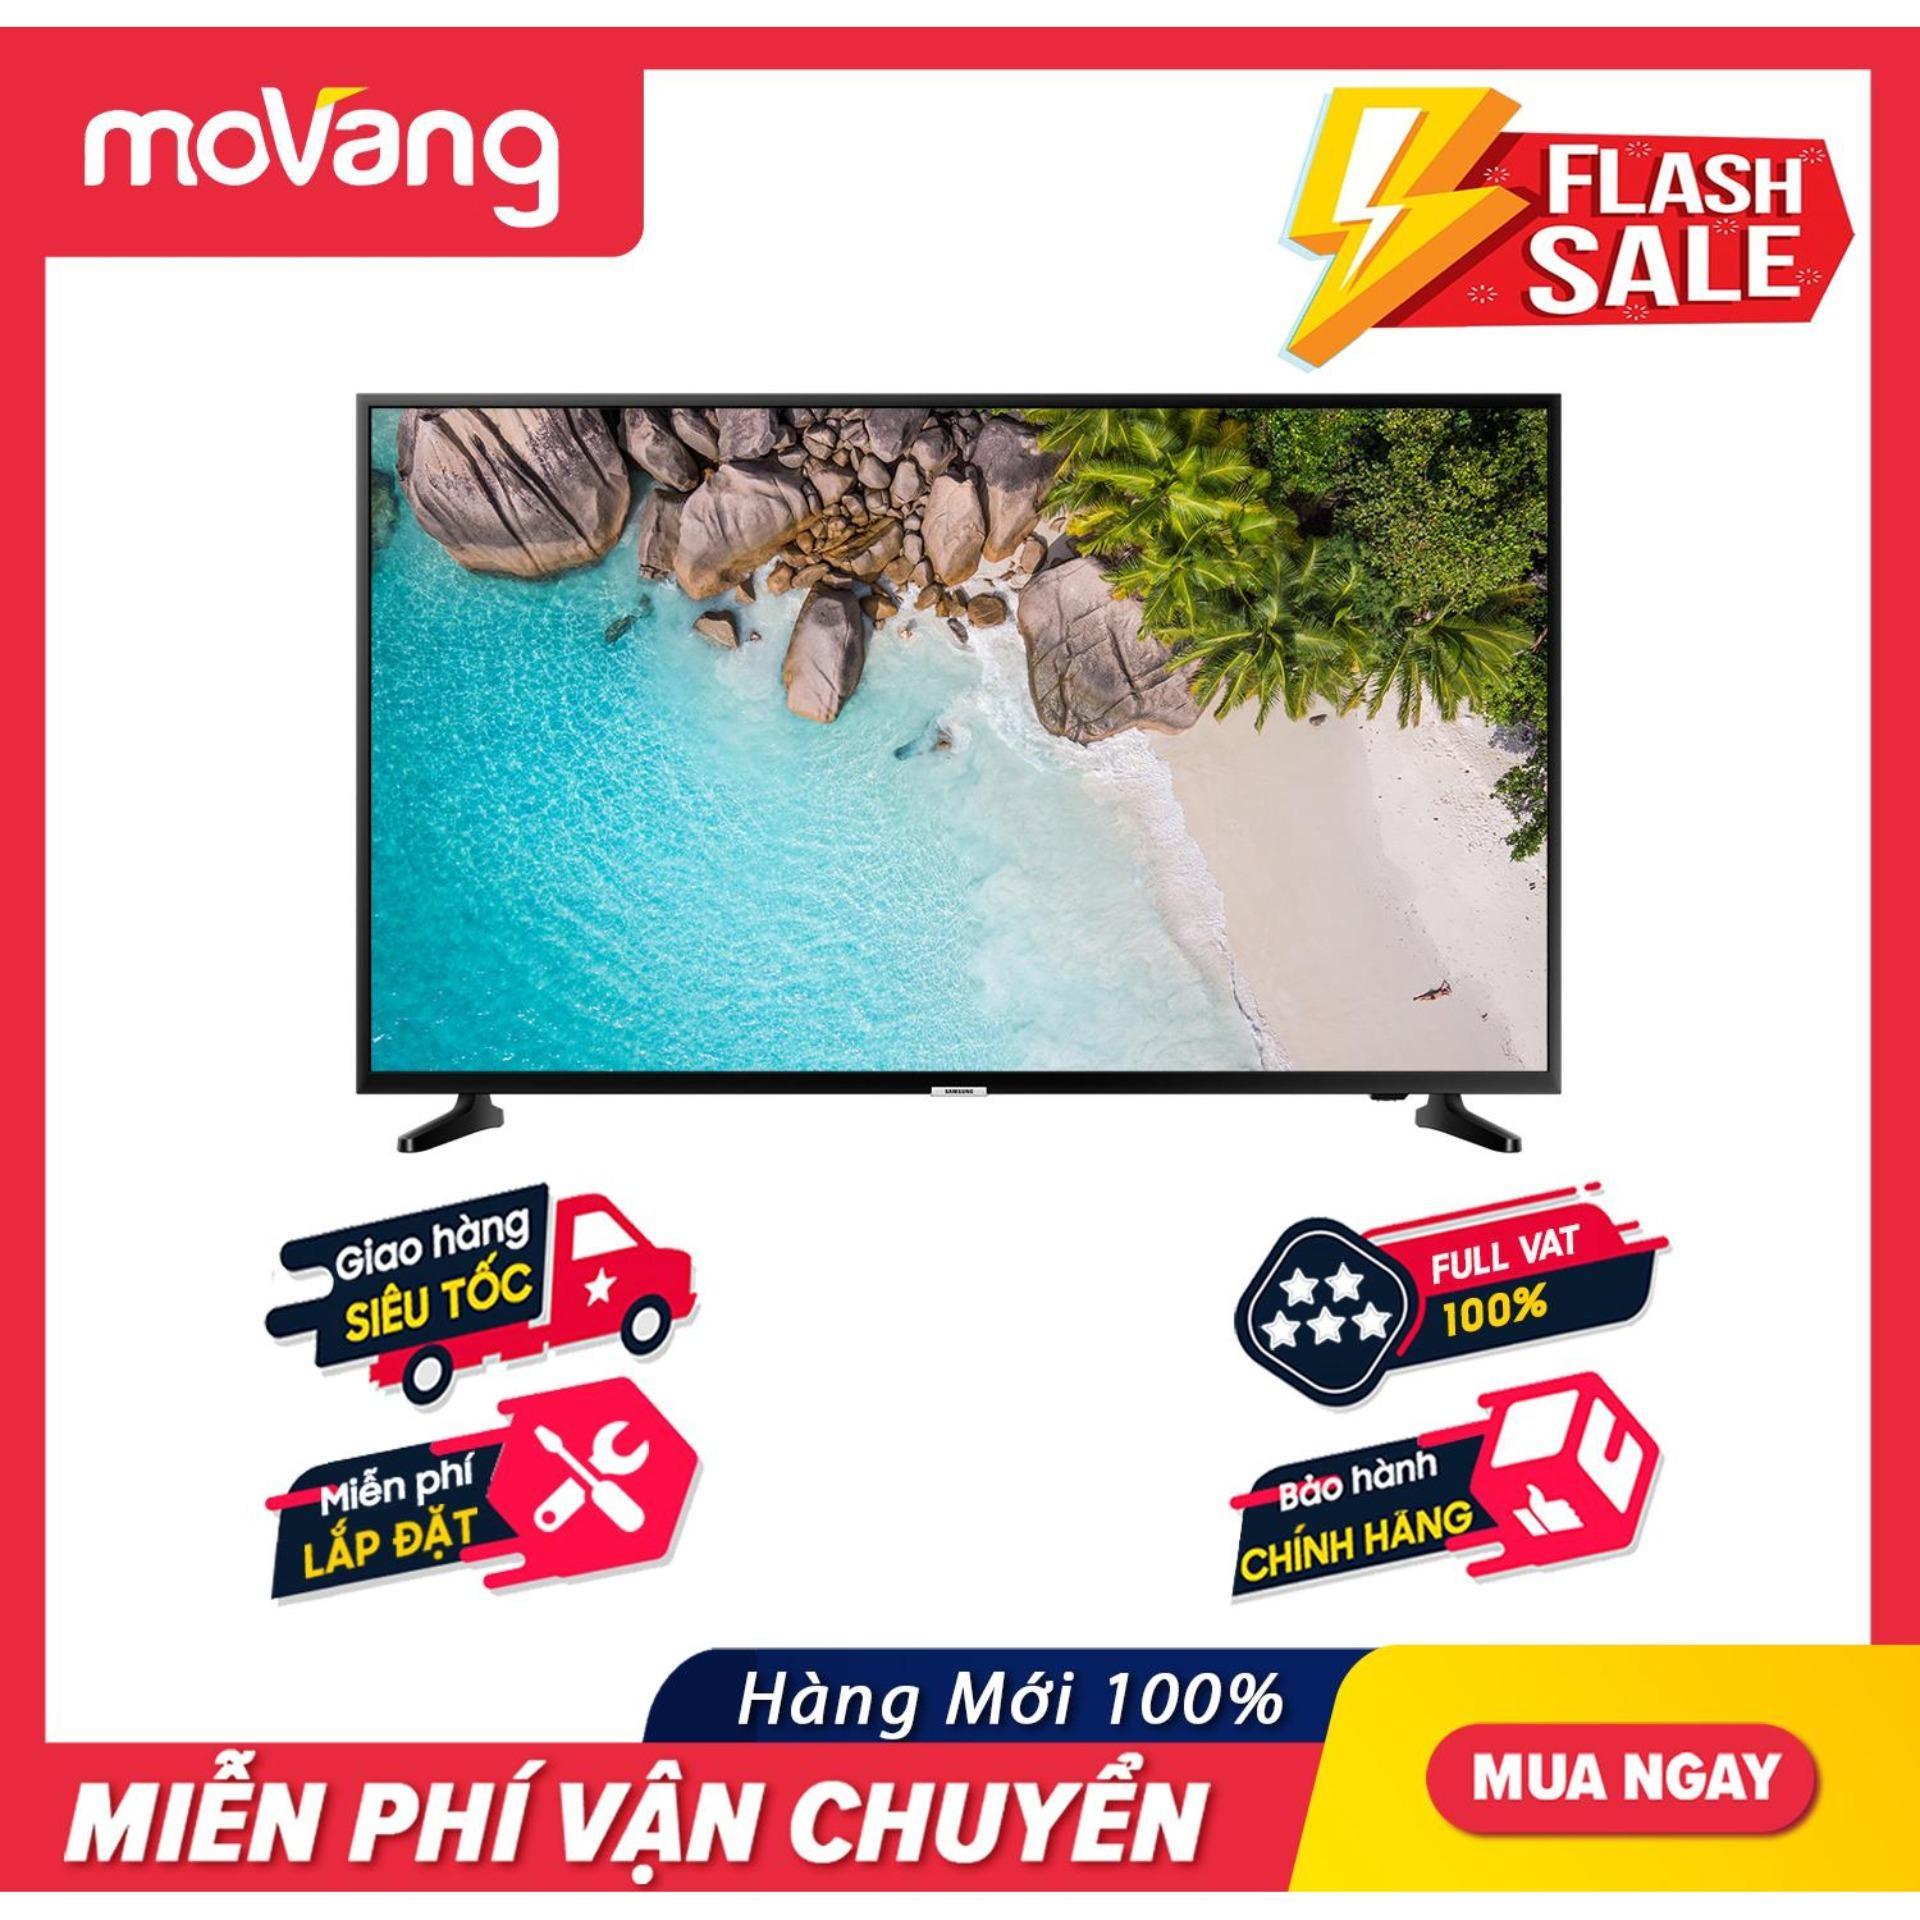 Smart Tivi Samsung 55 Inch 4K UHD - Model UA55NU7090KXXV - Công Nghệ Hình ảnh HDR, UHD Dimming, Purcolour + Điều Khiển Tivi Bằng điện Thoại Giảm Cực Đã